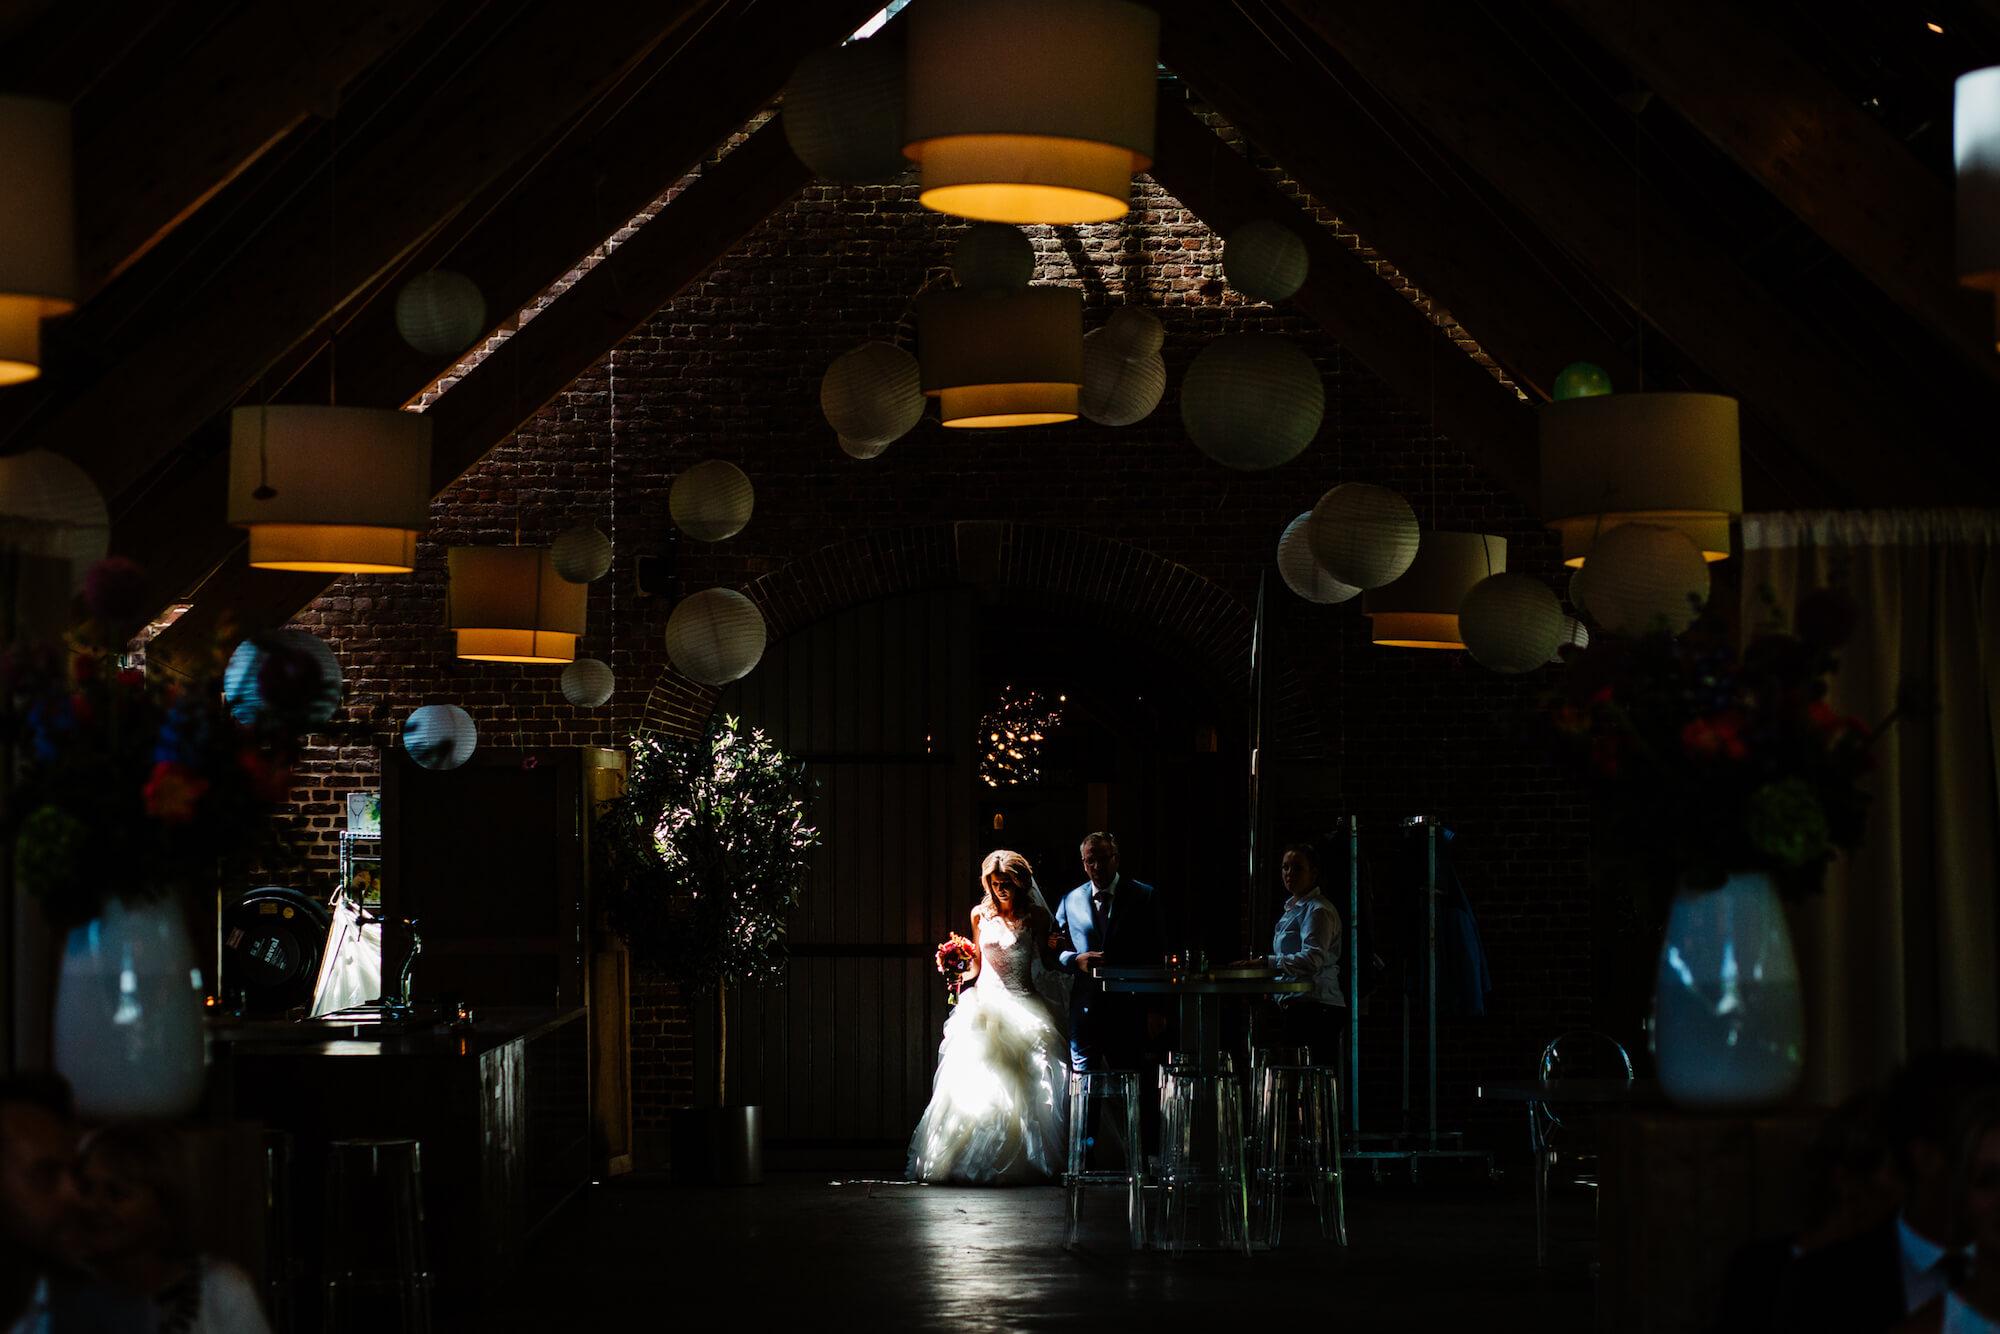 kasteelhoeve-geldrop-bruidsfotograaf-7a.jpg